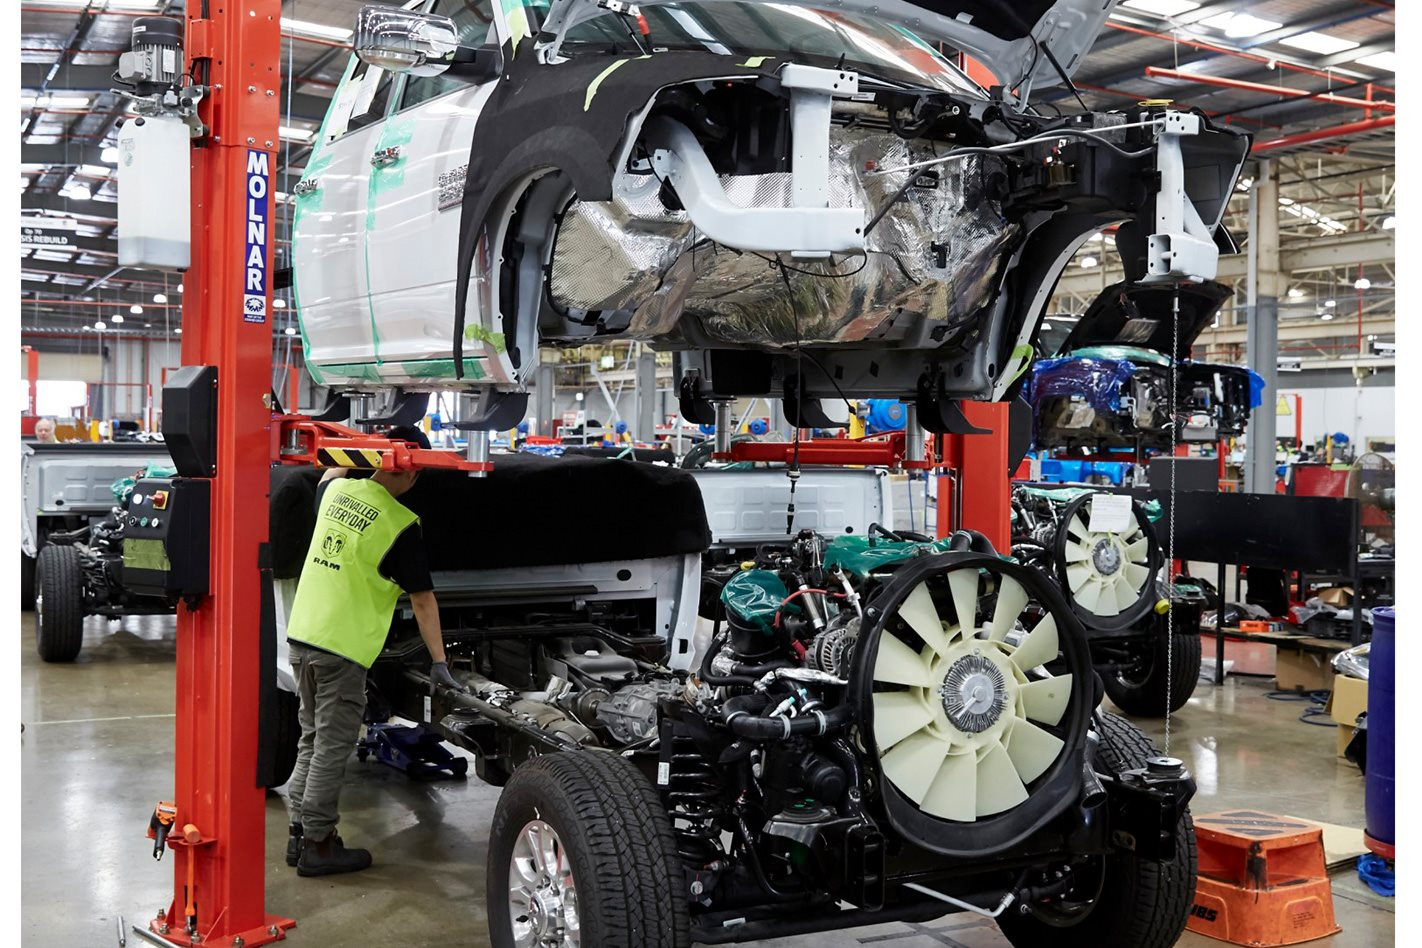 Kết quả hình ảnh cho car engineer in australia 2019